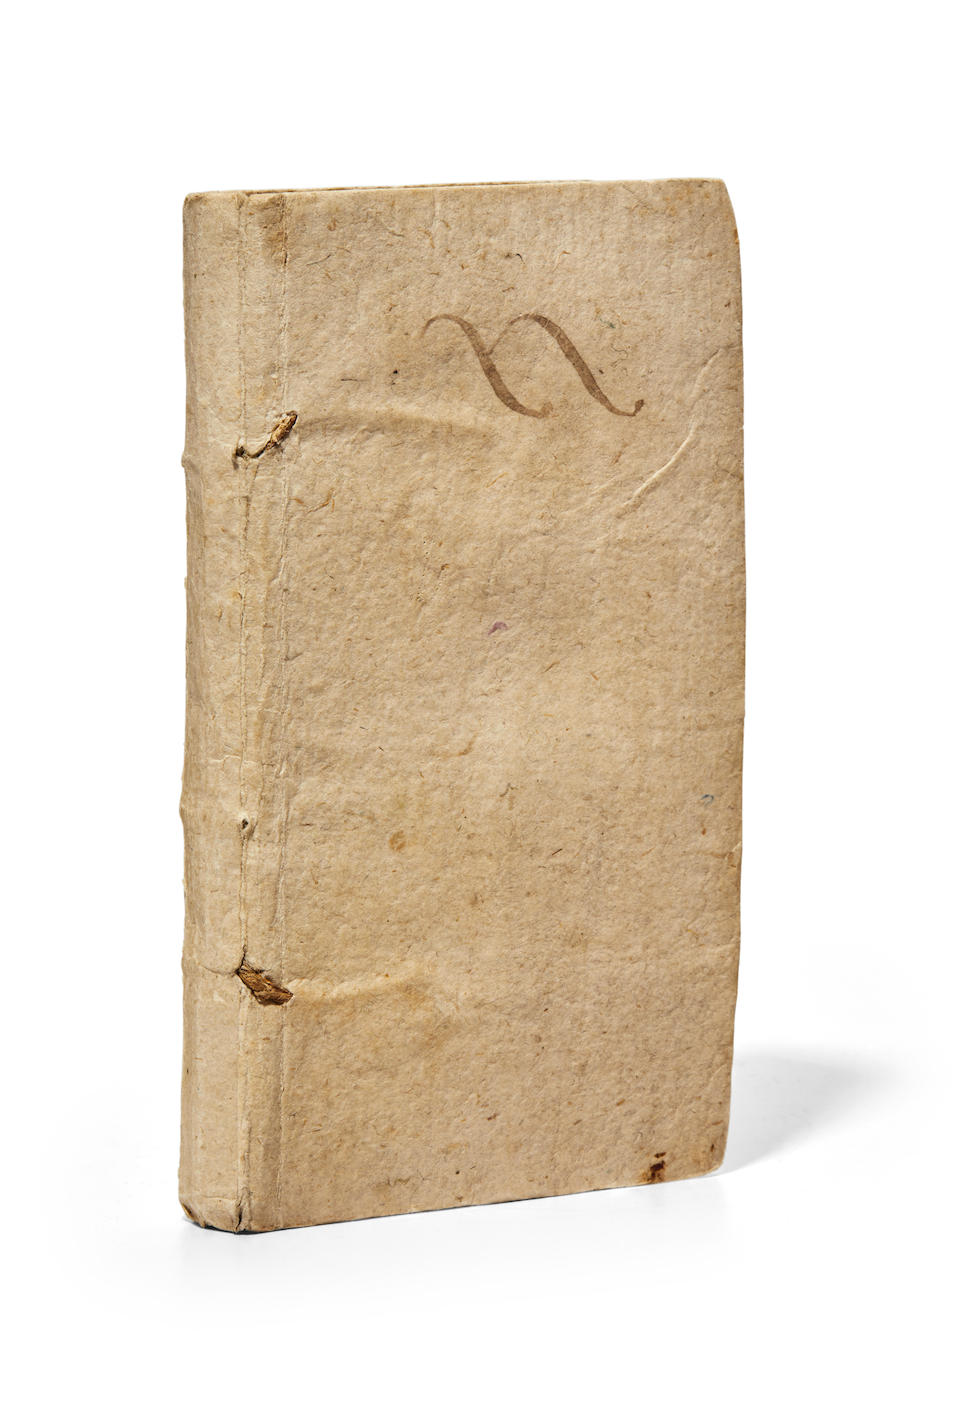 HARVEY, WILLIAM.  1578-1657. De Motu Cordis et Sanguinis in Animalibus Anatomica Exercitatio. Padua: Sebastian Sardum 1643.